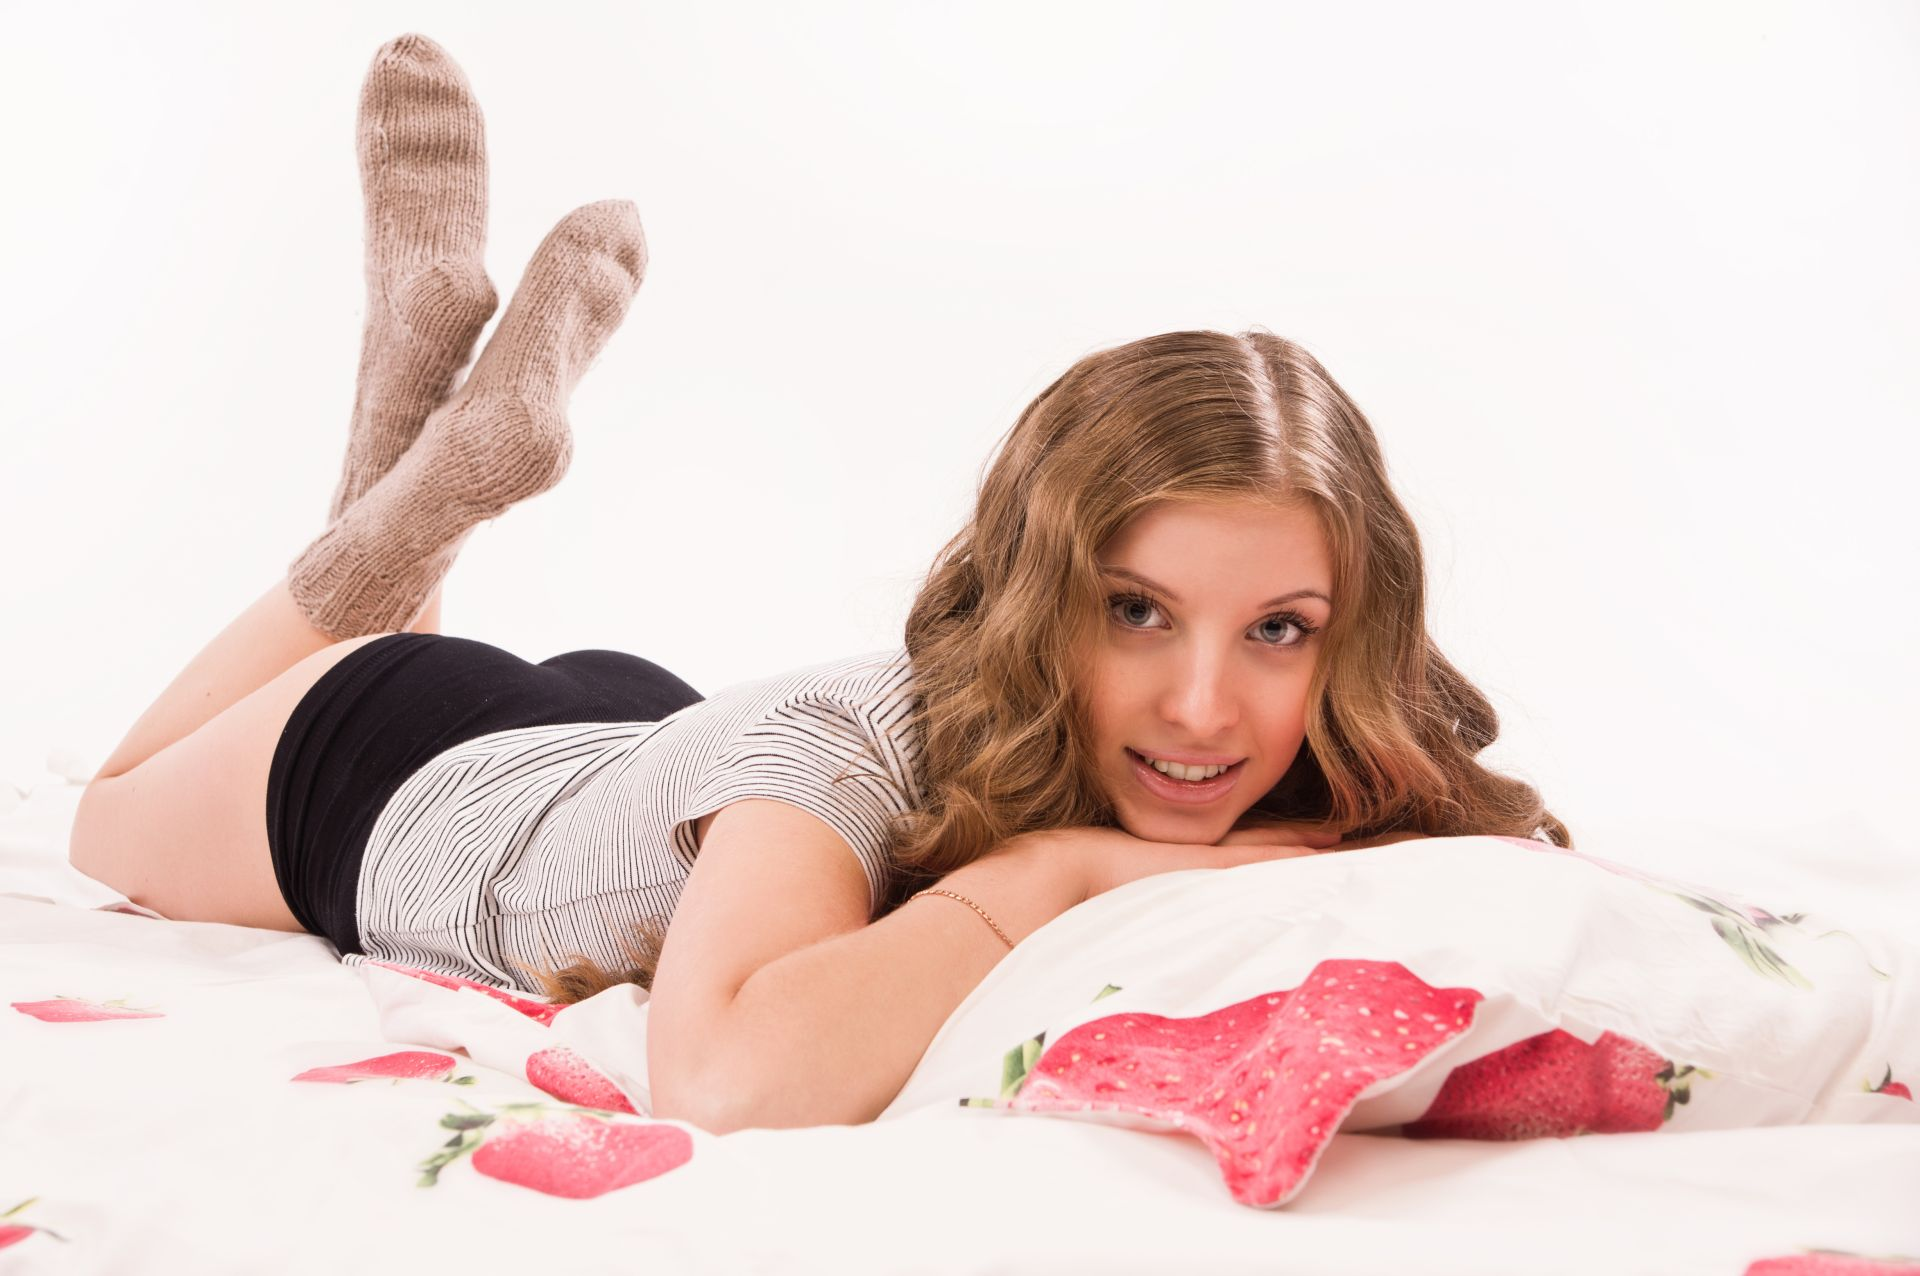 Die richtige Bildwahl beim Online Dating